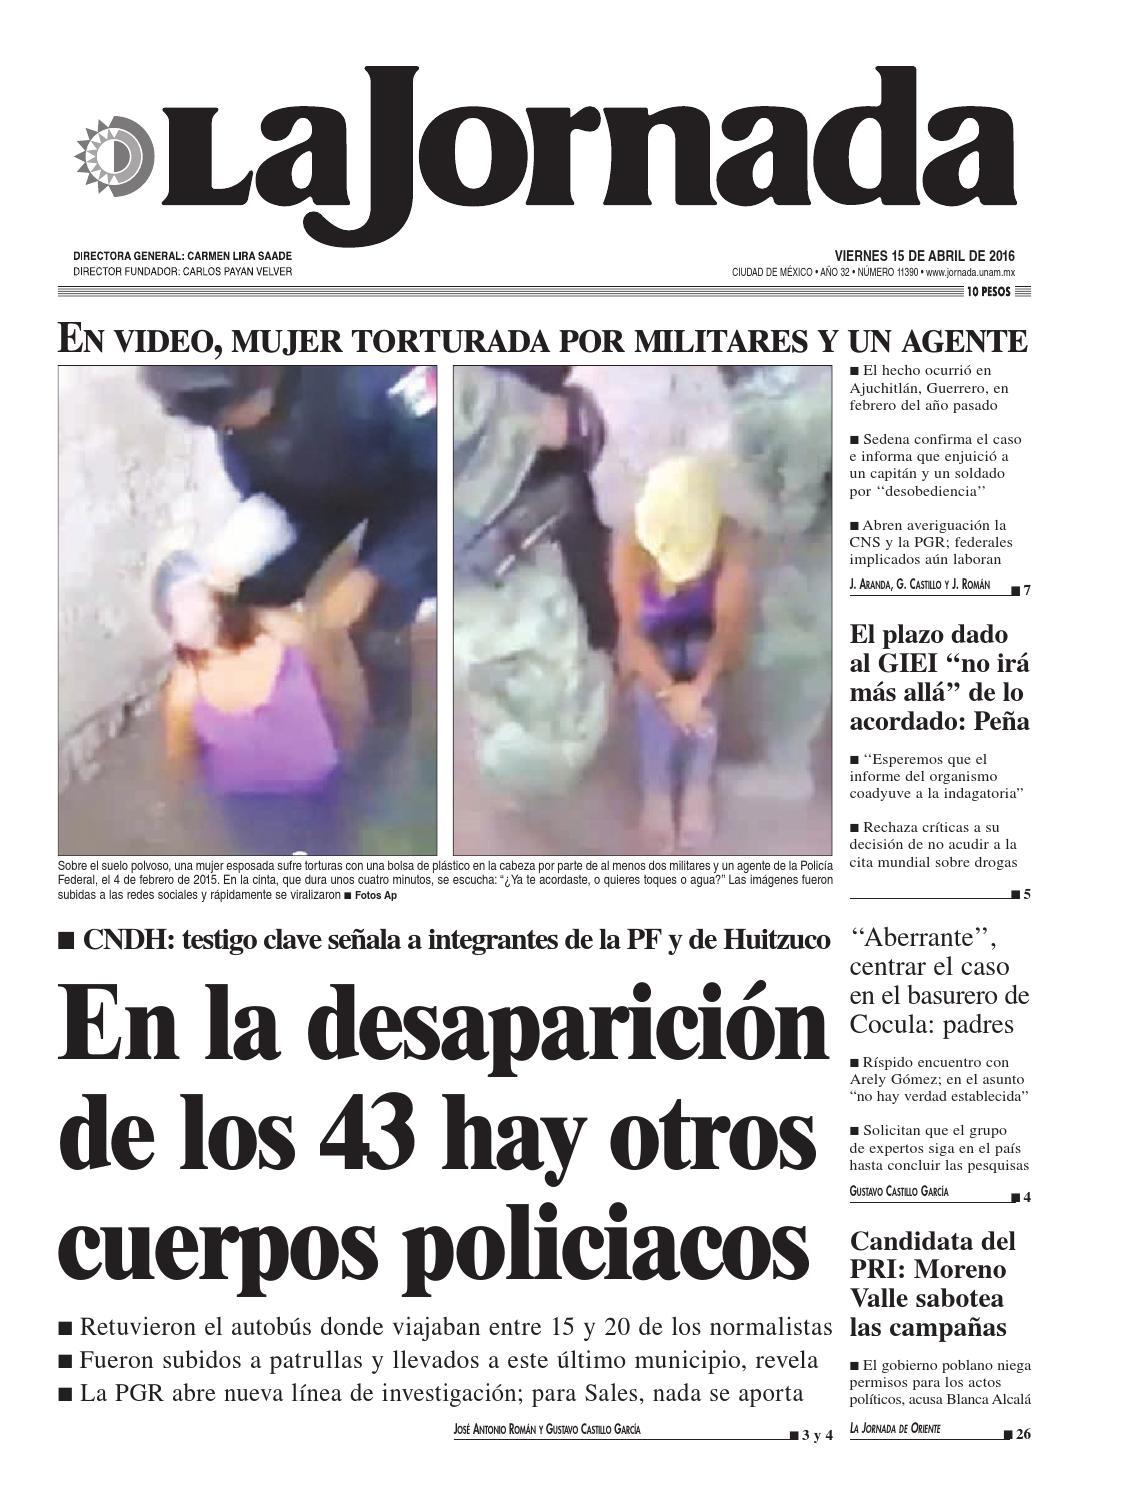 La Jornada ab79757e5ca